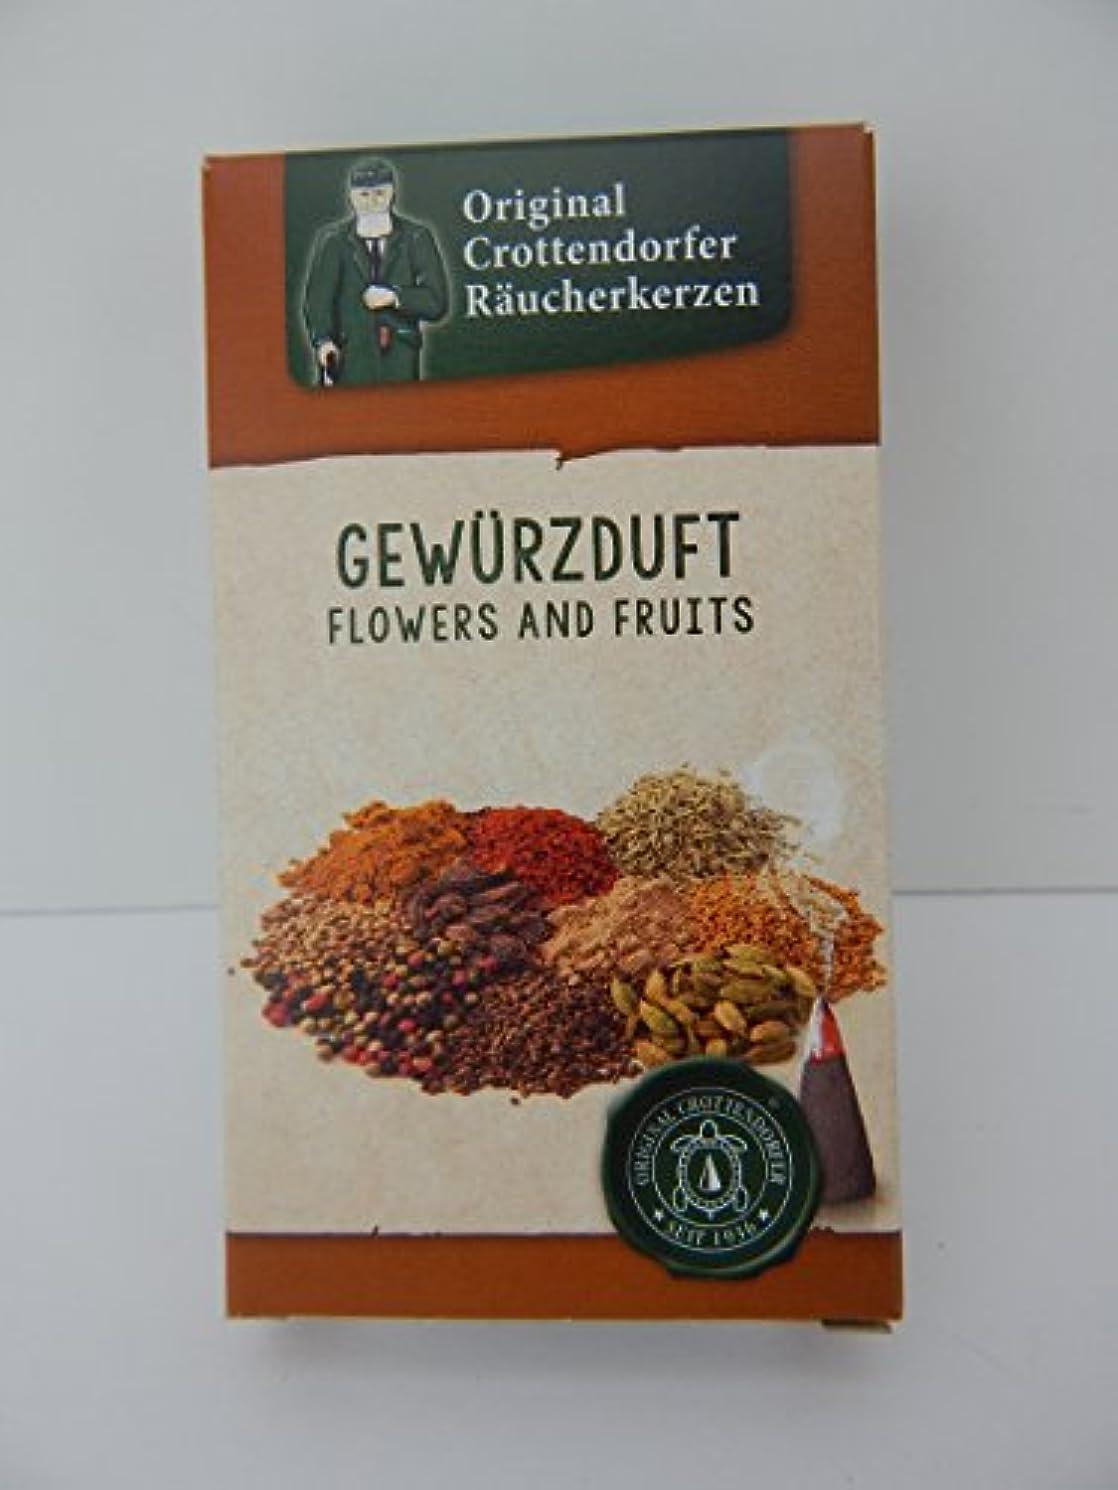 良心スタック競争力のある元Crottendorfer raucherkerzen gewurzduft Spice Incense